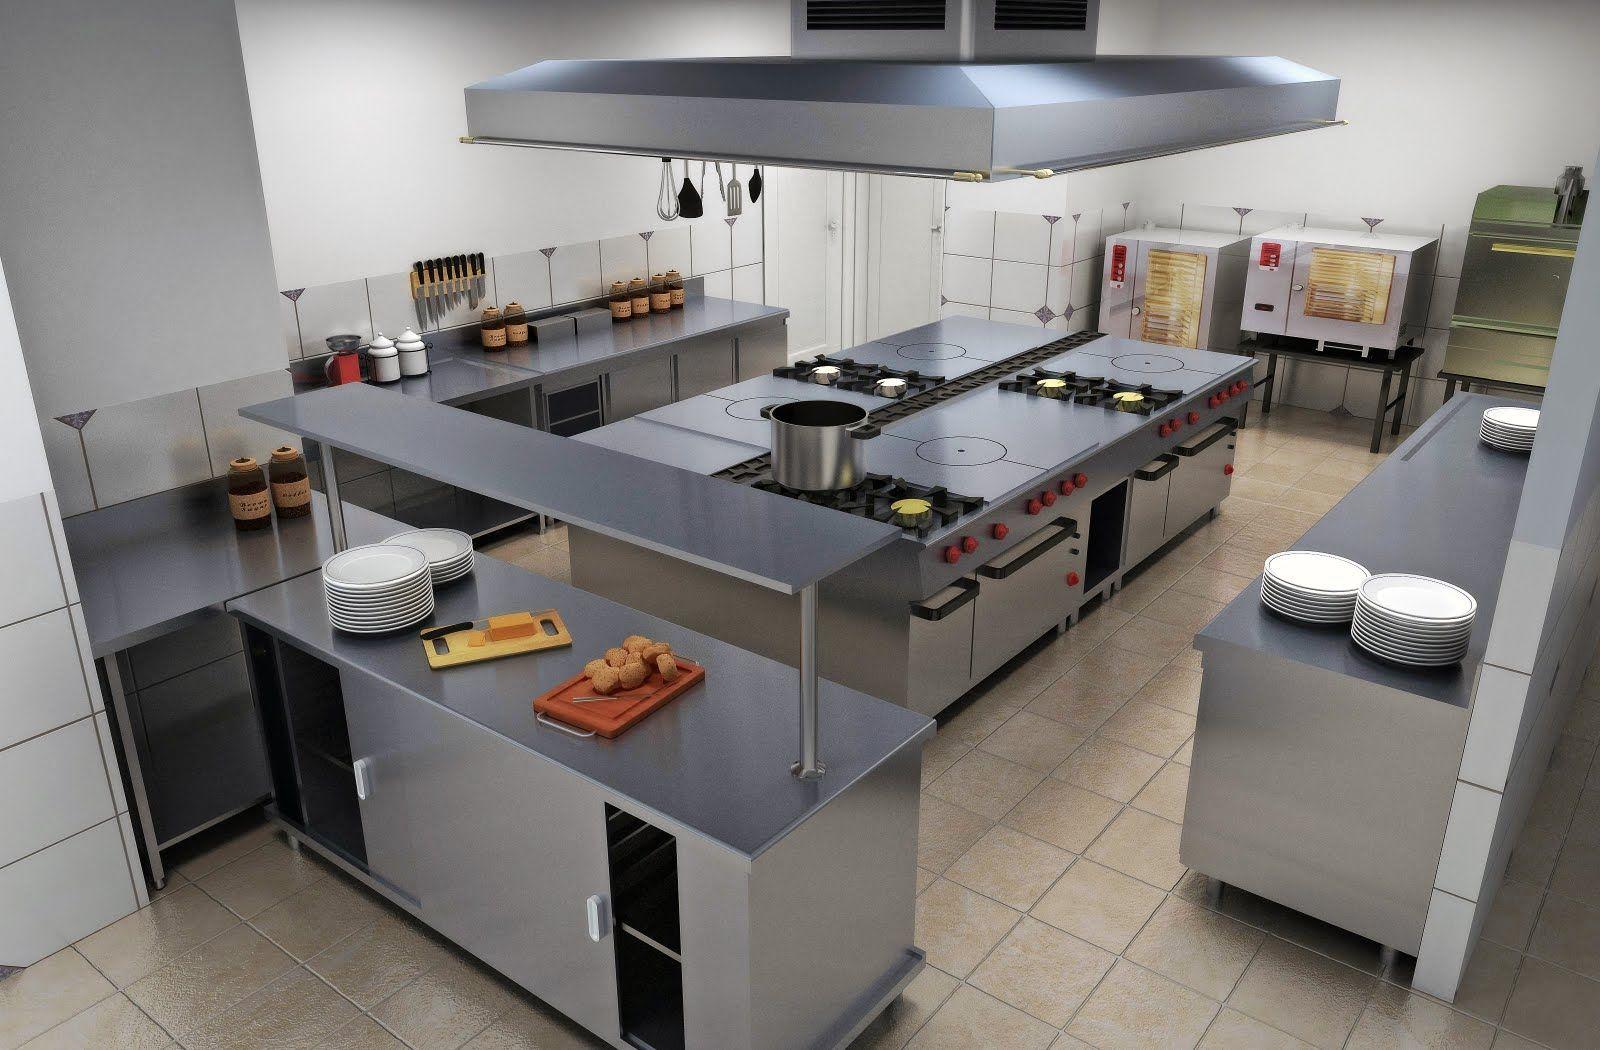 Imagenes de cocinas para restaurantes de b squeda cocinas pinterest restaurants - Mobiliario de cocina industrial ...